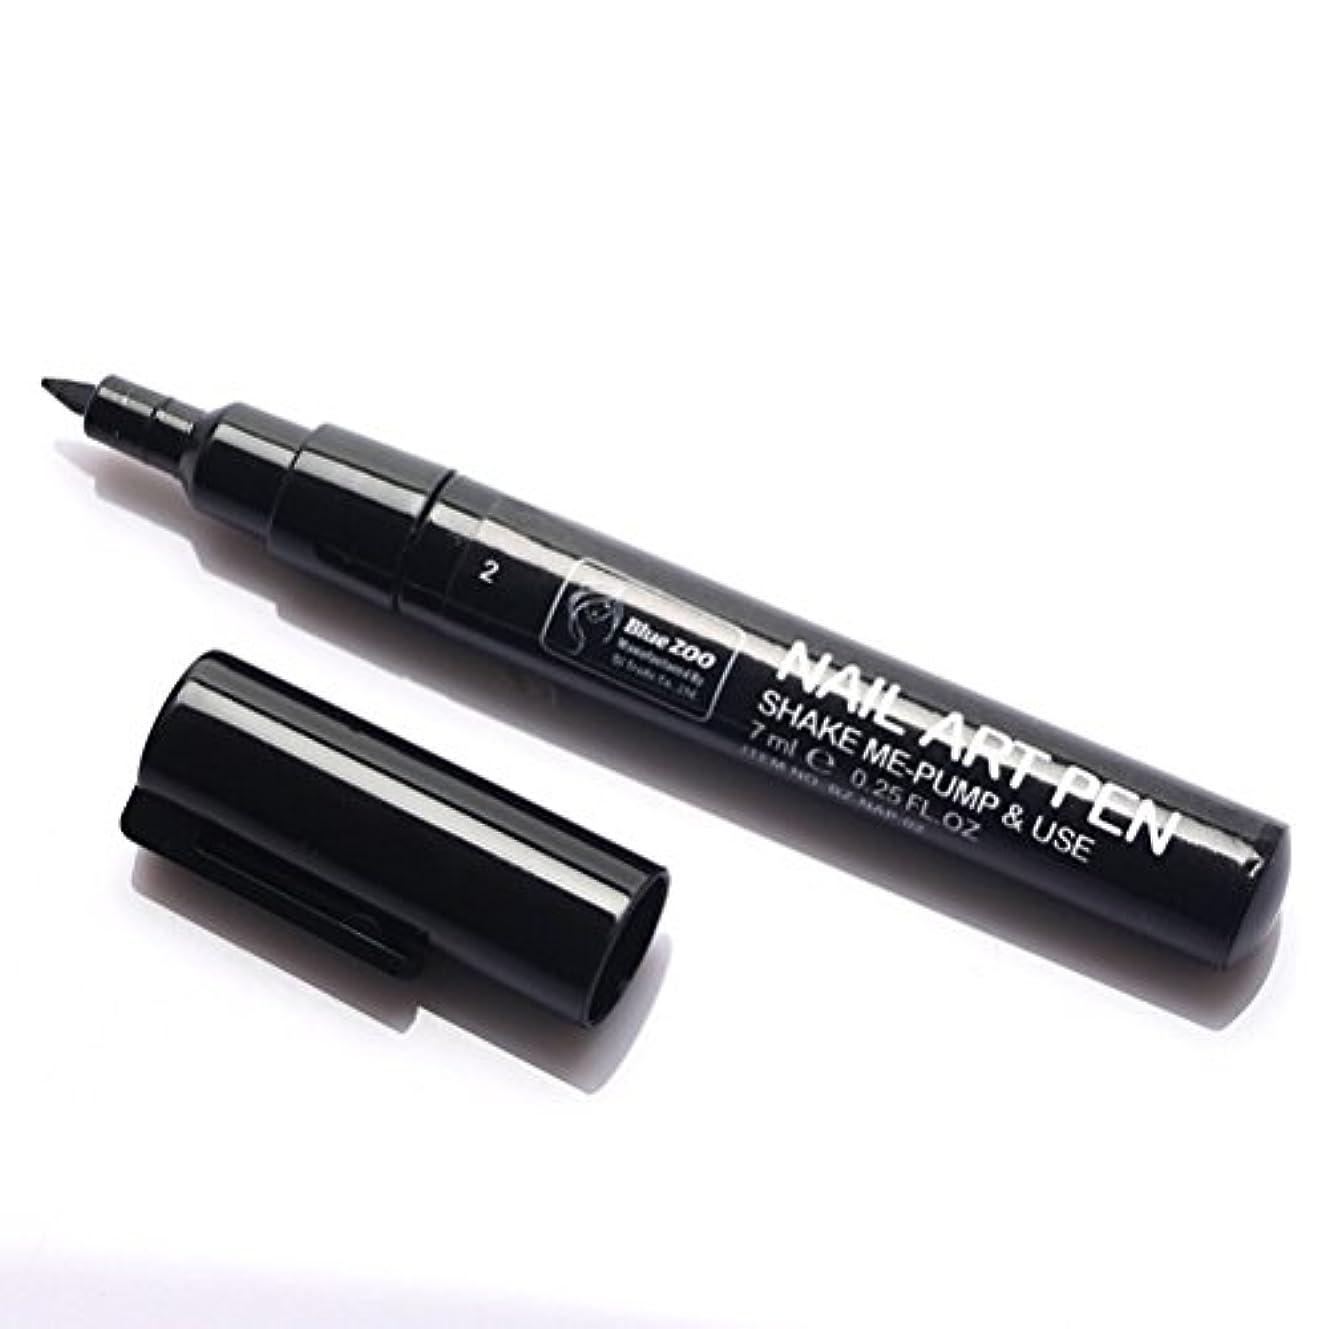 妊娠したミケランジェロパイロット(メイクアップエーシーシー) MakeupAcc カラーネイルアートペン 3Dネイルペン ネイルアートペン ネイルマニキュア液 ペイントペン ペイント 両用 DIY 16色 (黒い) [並行輸入品]